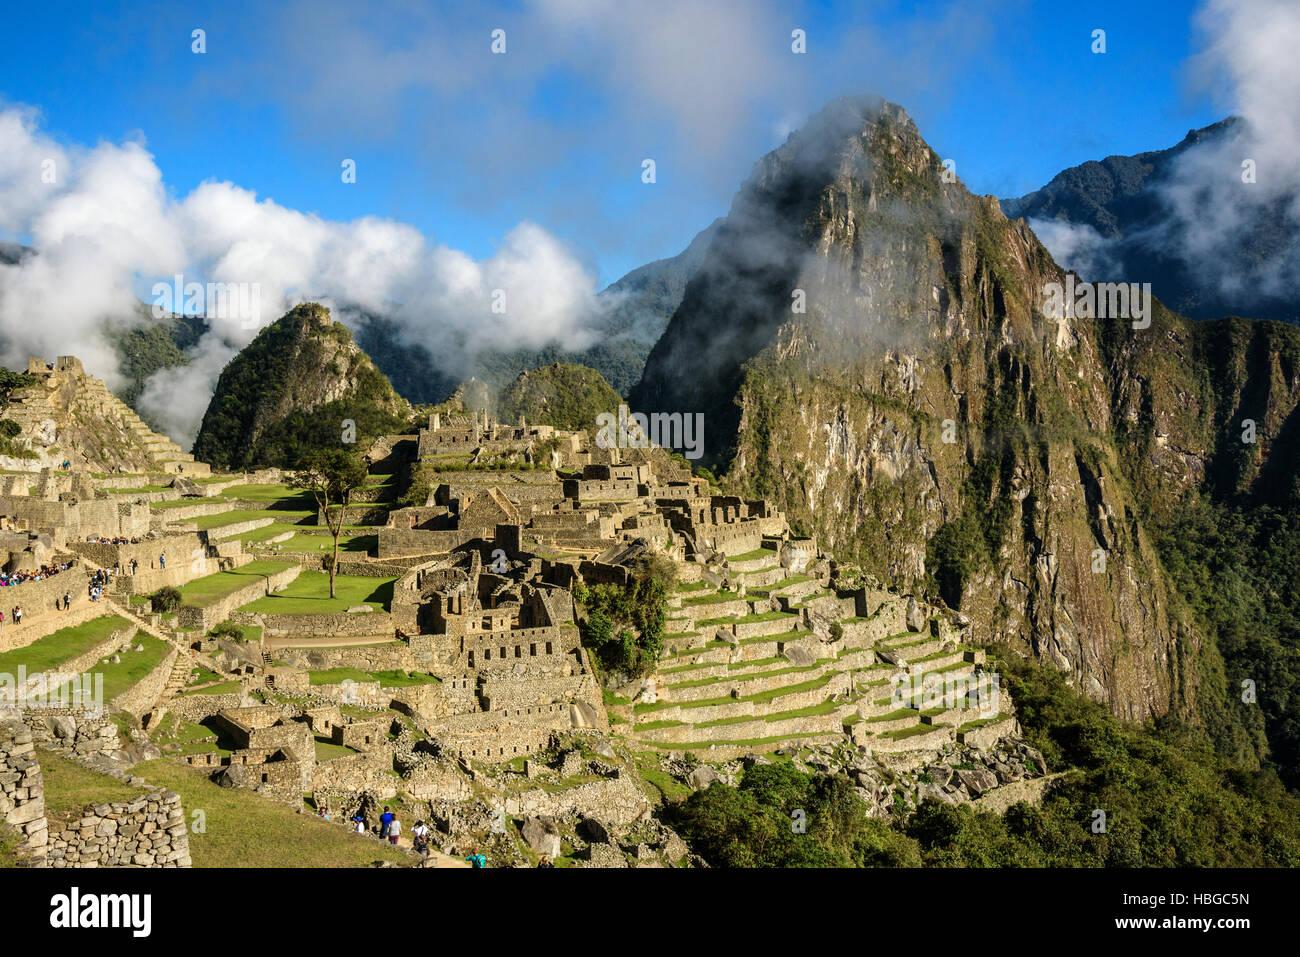 View of the Lost Incan City of Machu Picchu with clouds near Cusco, Peru. Machu Picchu is a Peruvian Historical - Stock Image